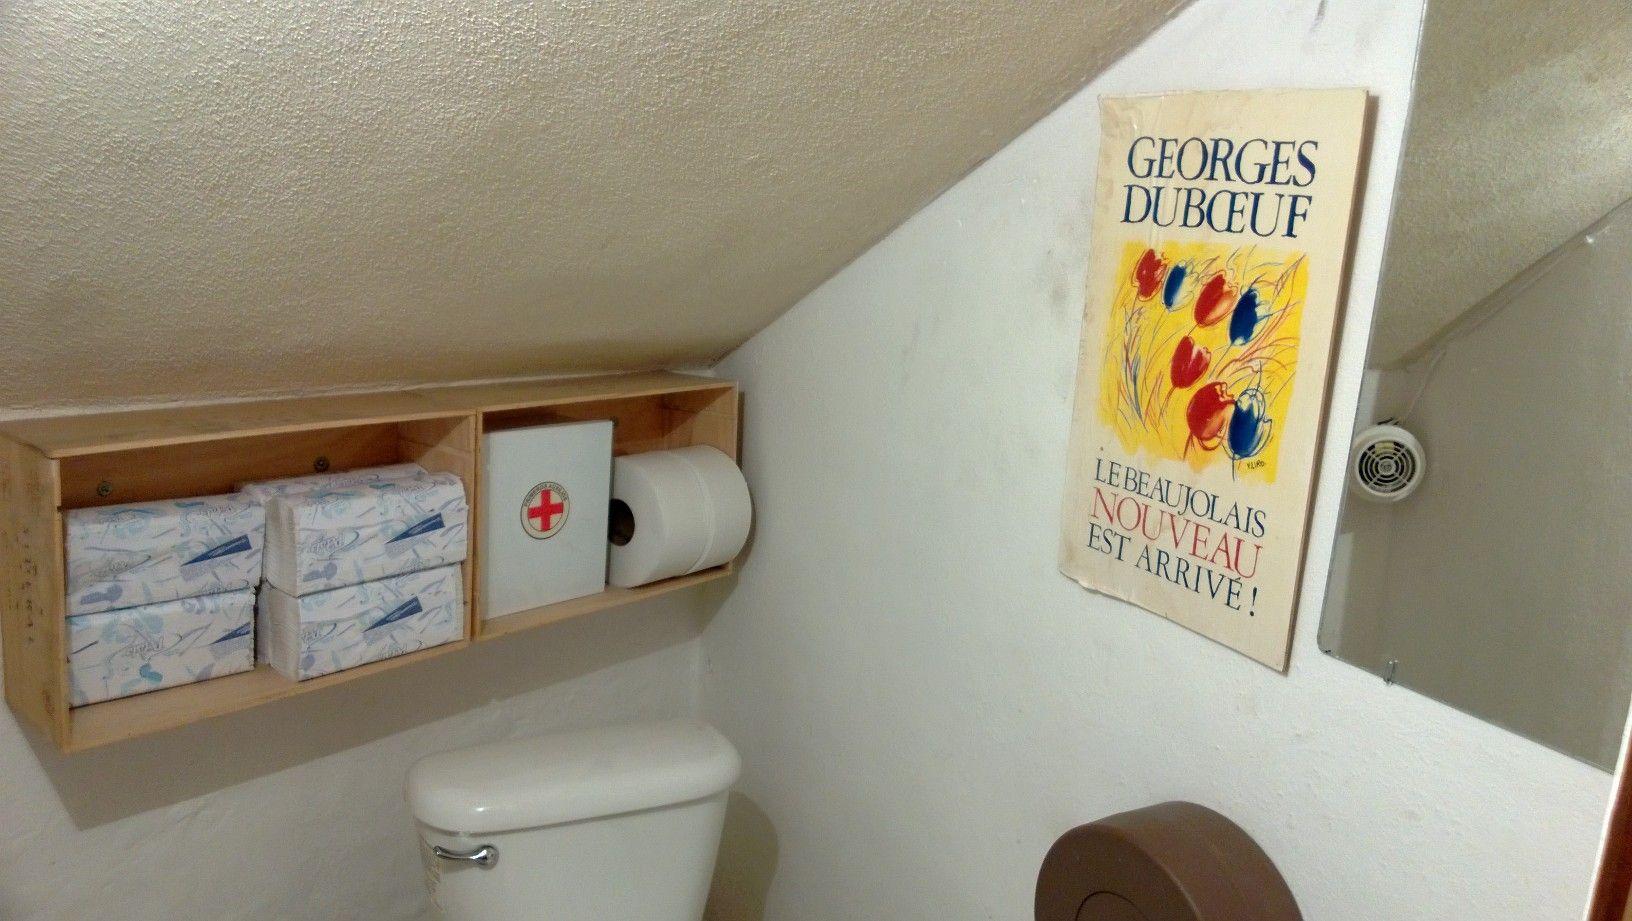 Reutiliza cajas de vino para acondicionar el baño!